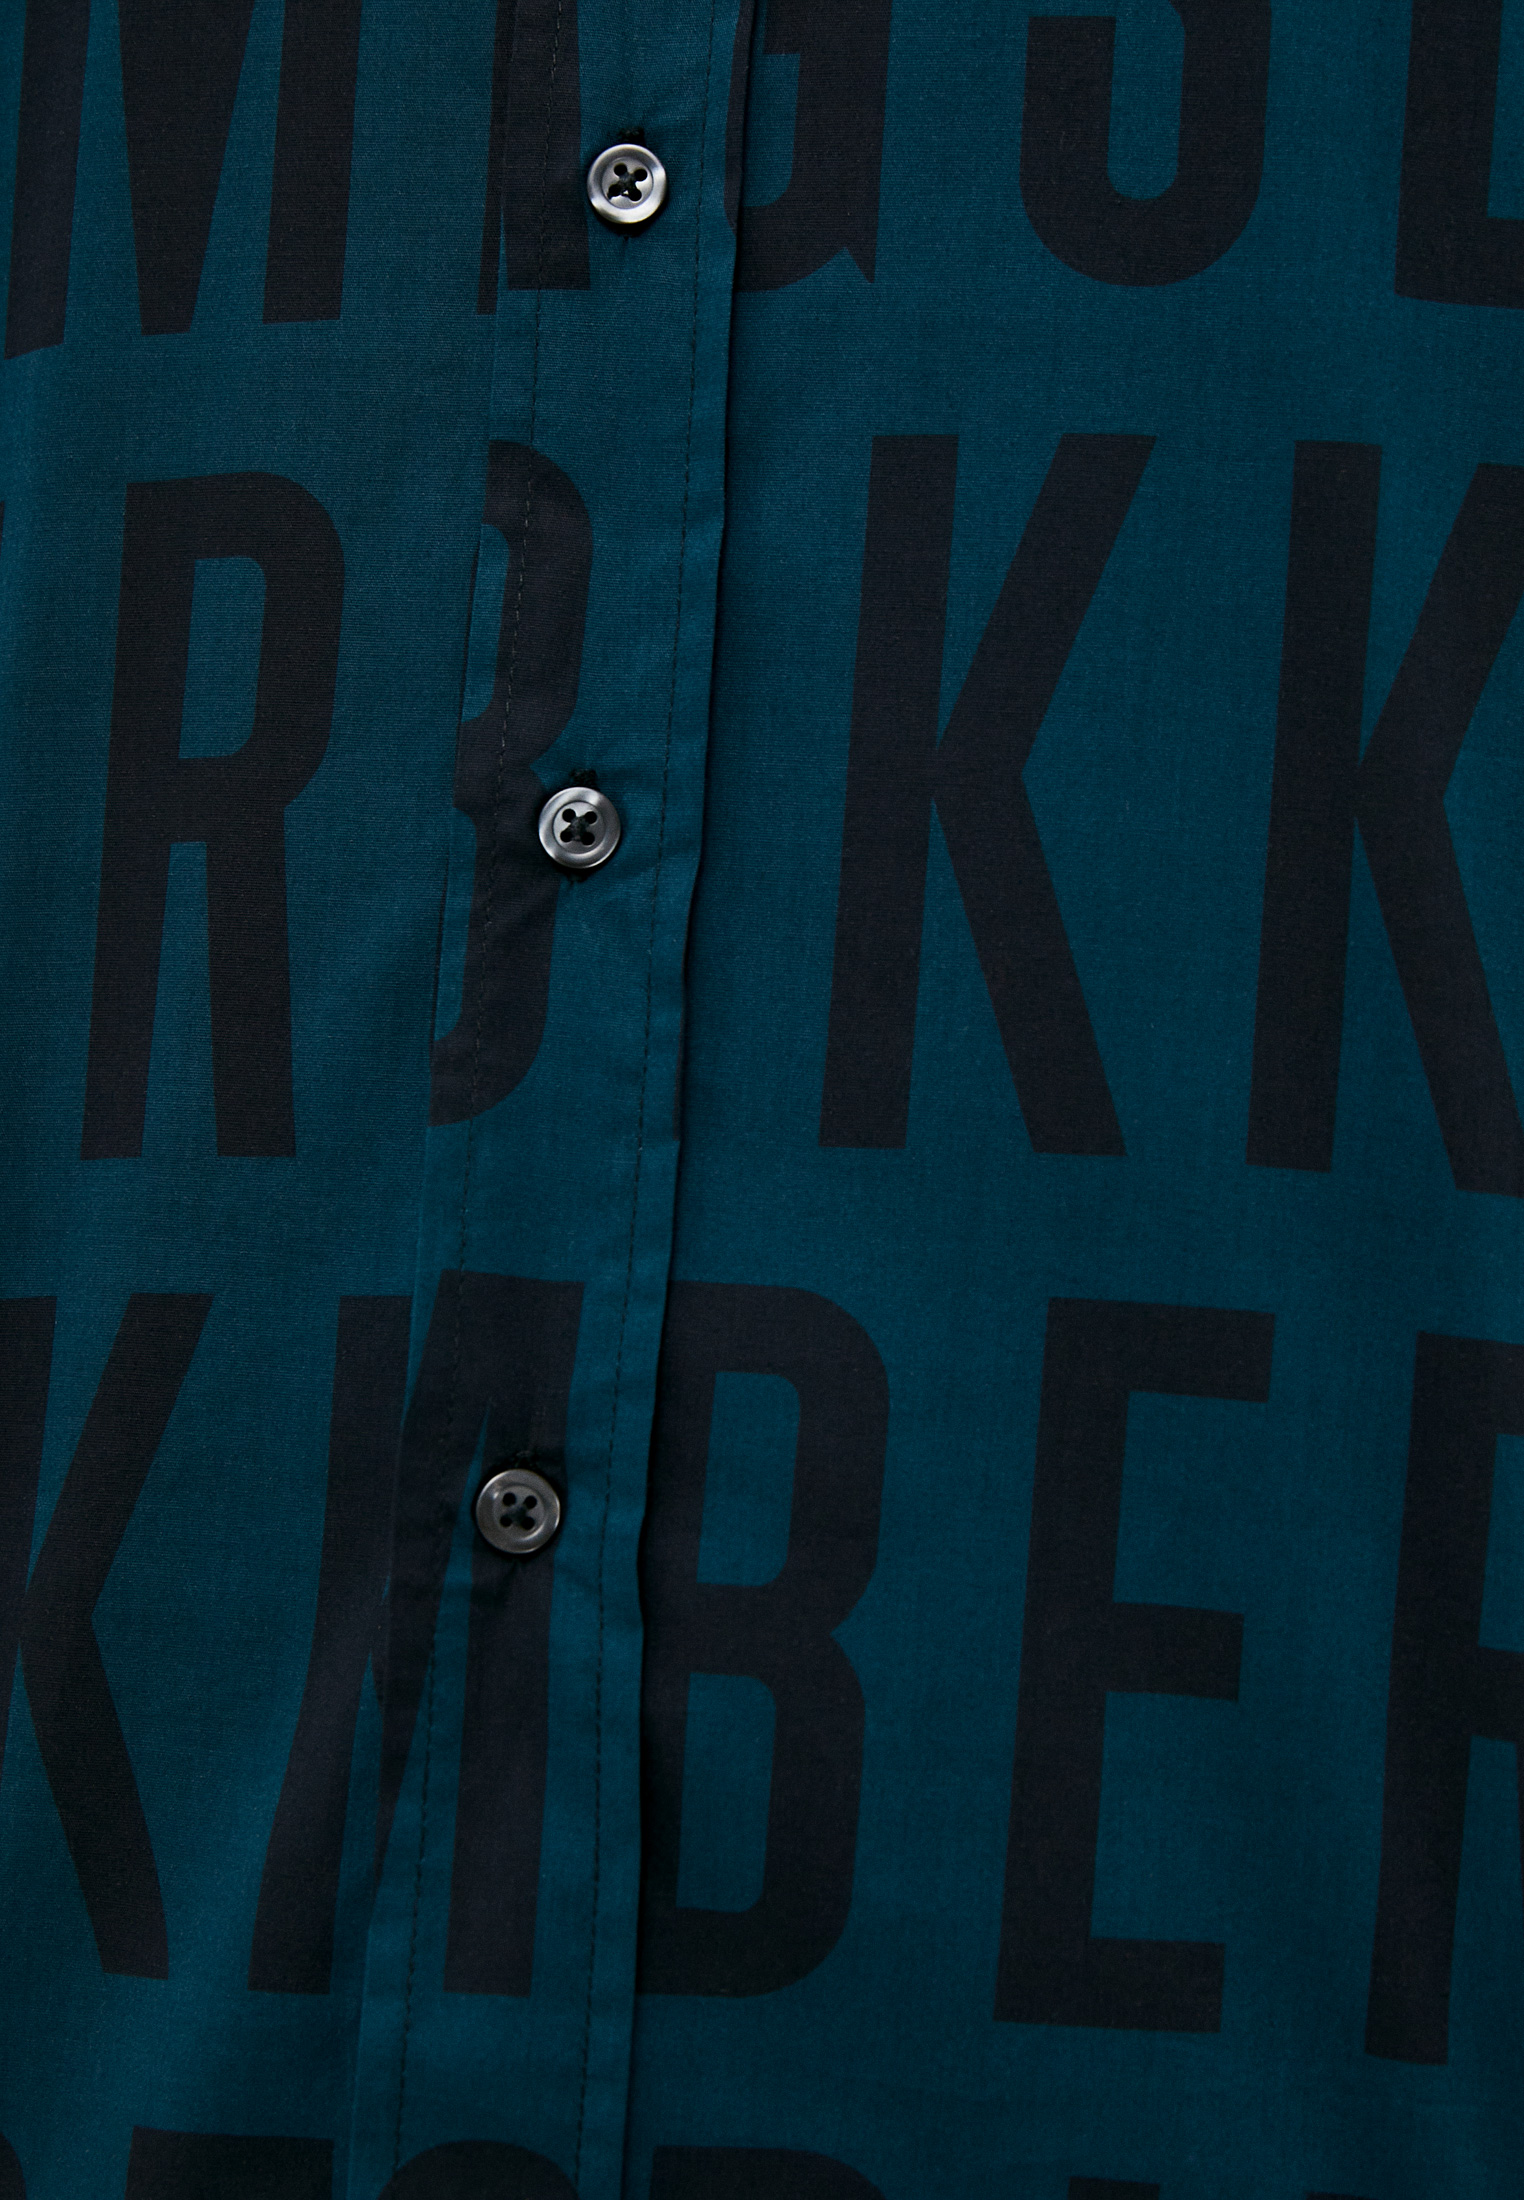 Рубашка с длинным рукавом Bikkembergs (Биккембергс) C C 009 00 S 3354: изображение 5